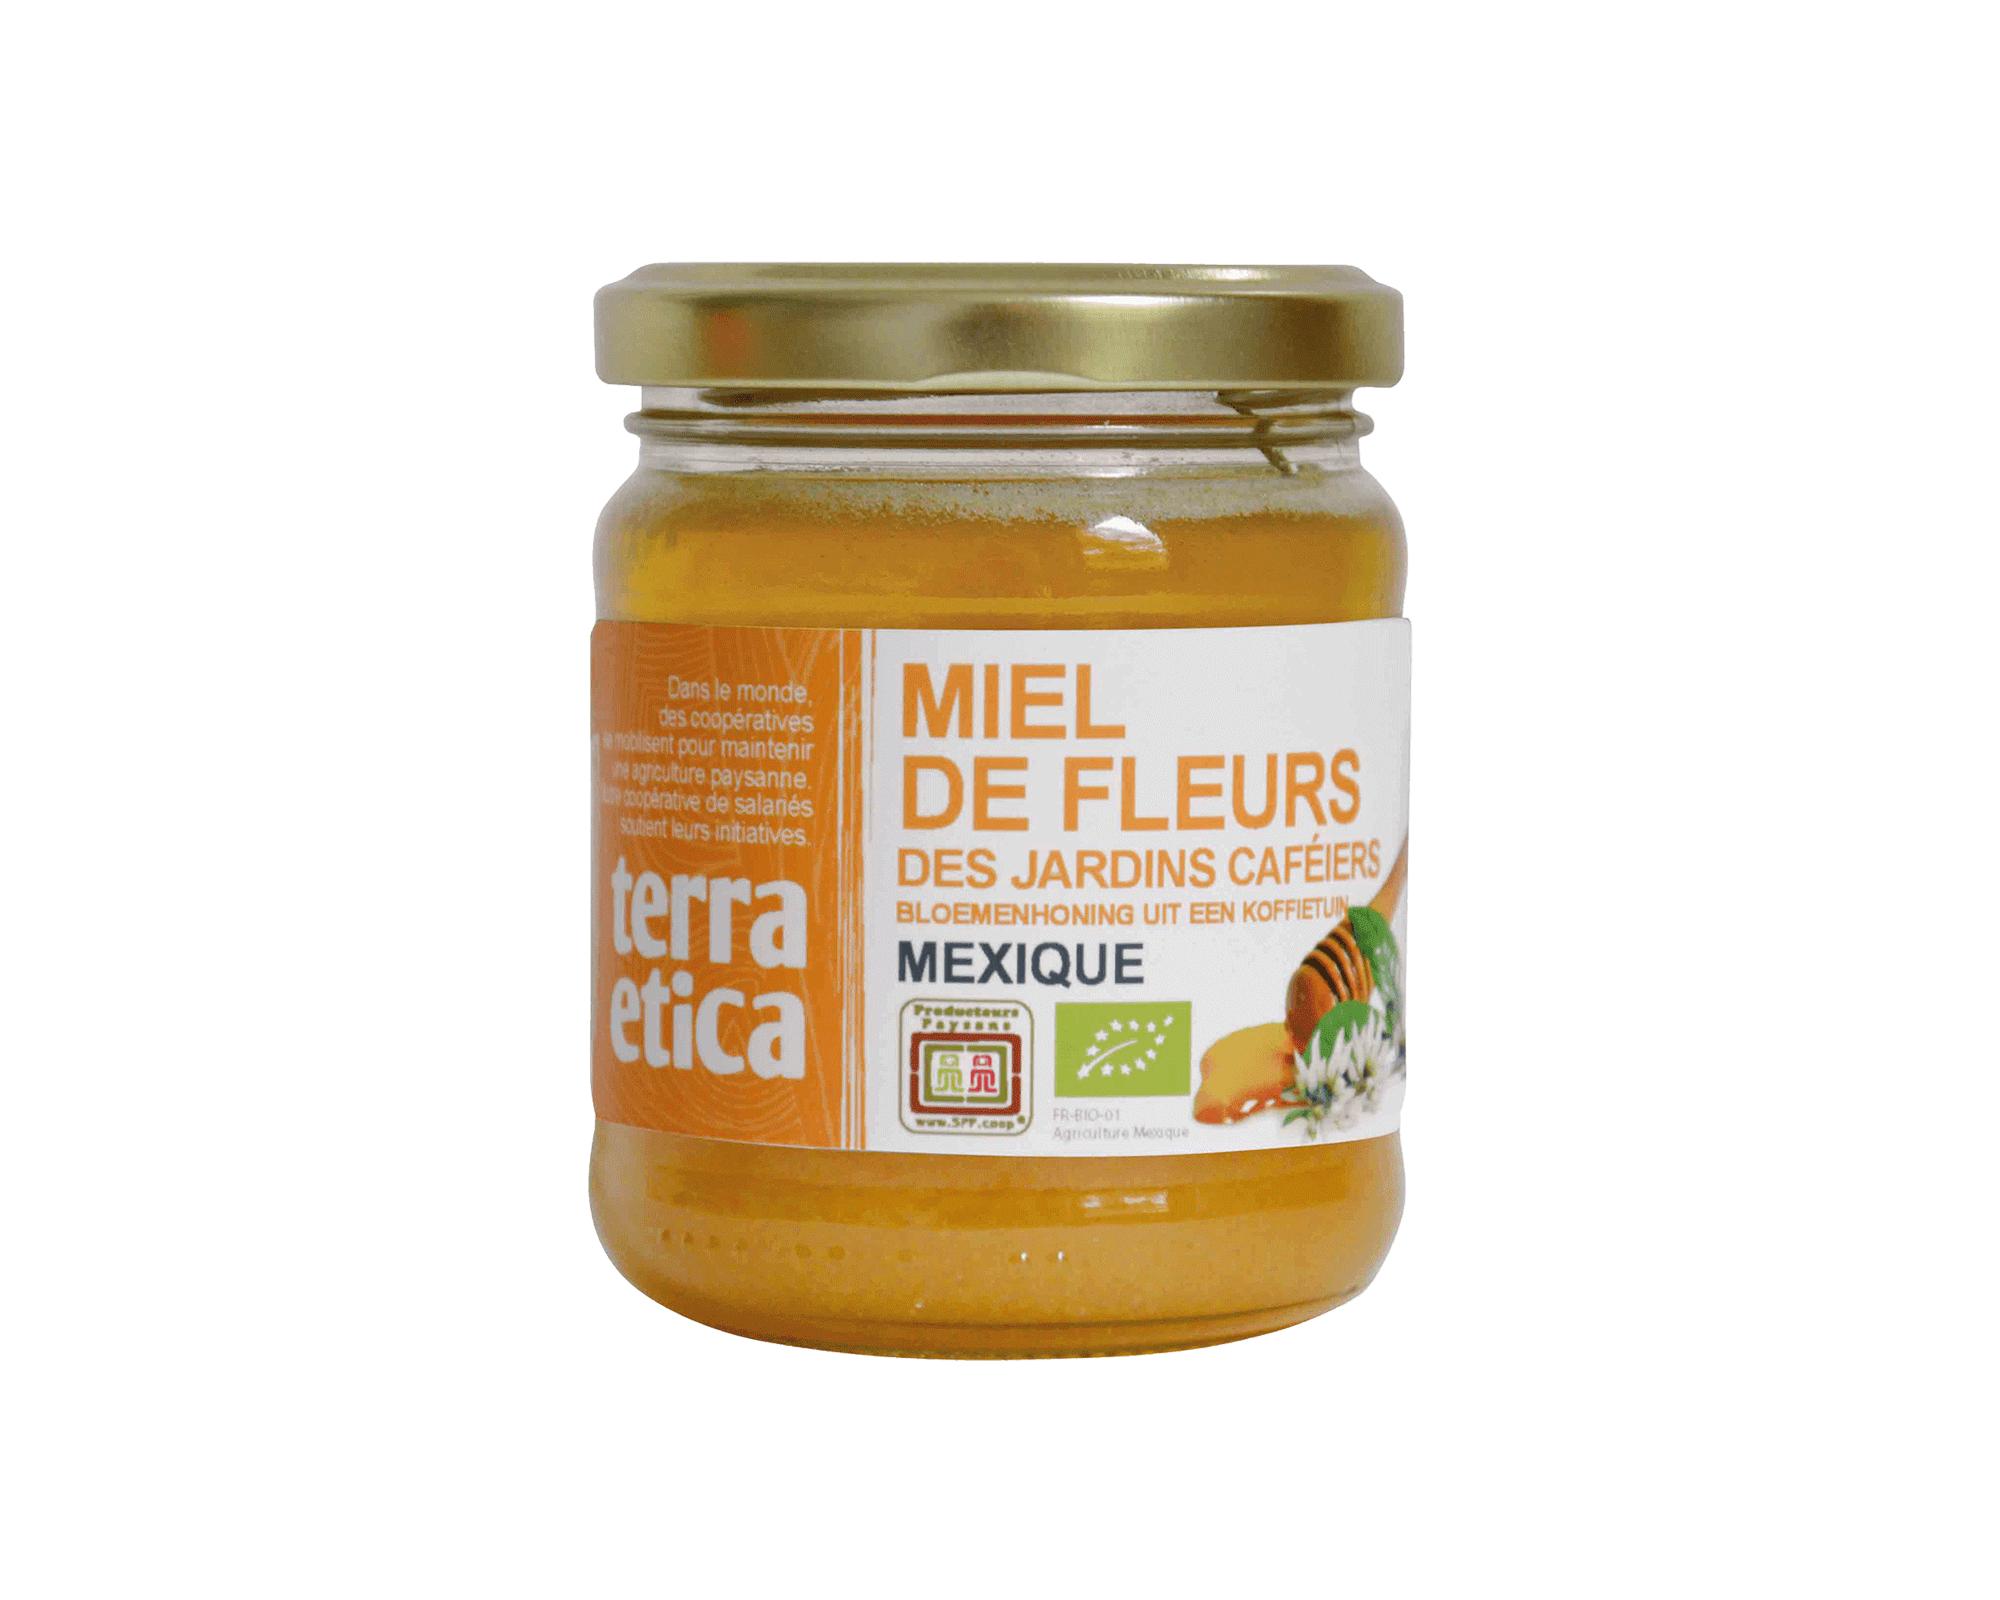 Miel de fleurs des jardins caféiers bio et équitable I Terra Etica